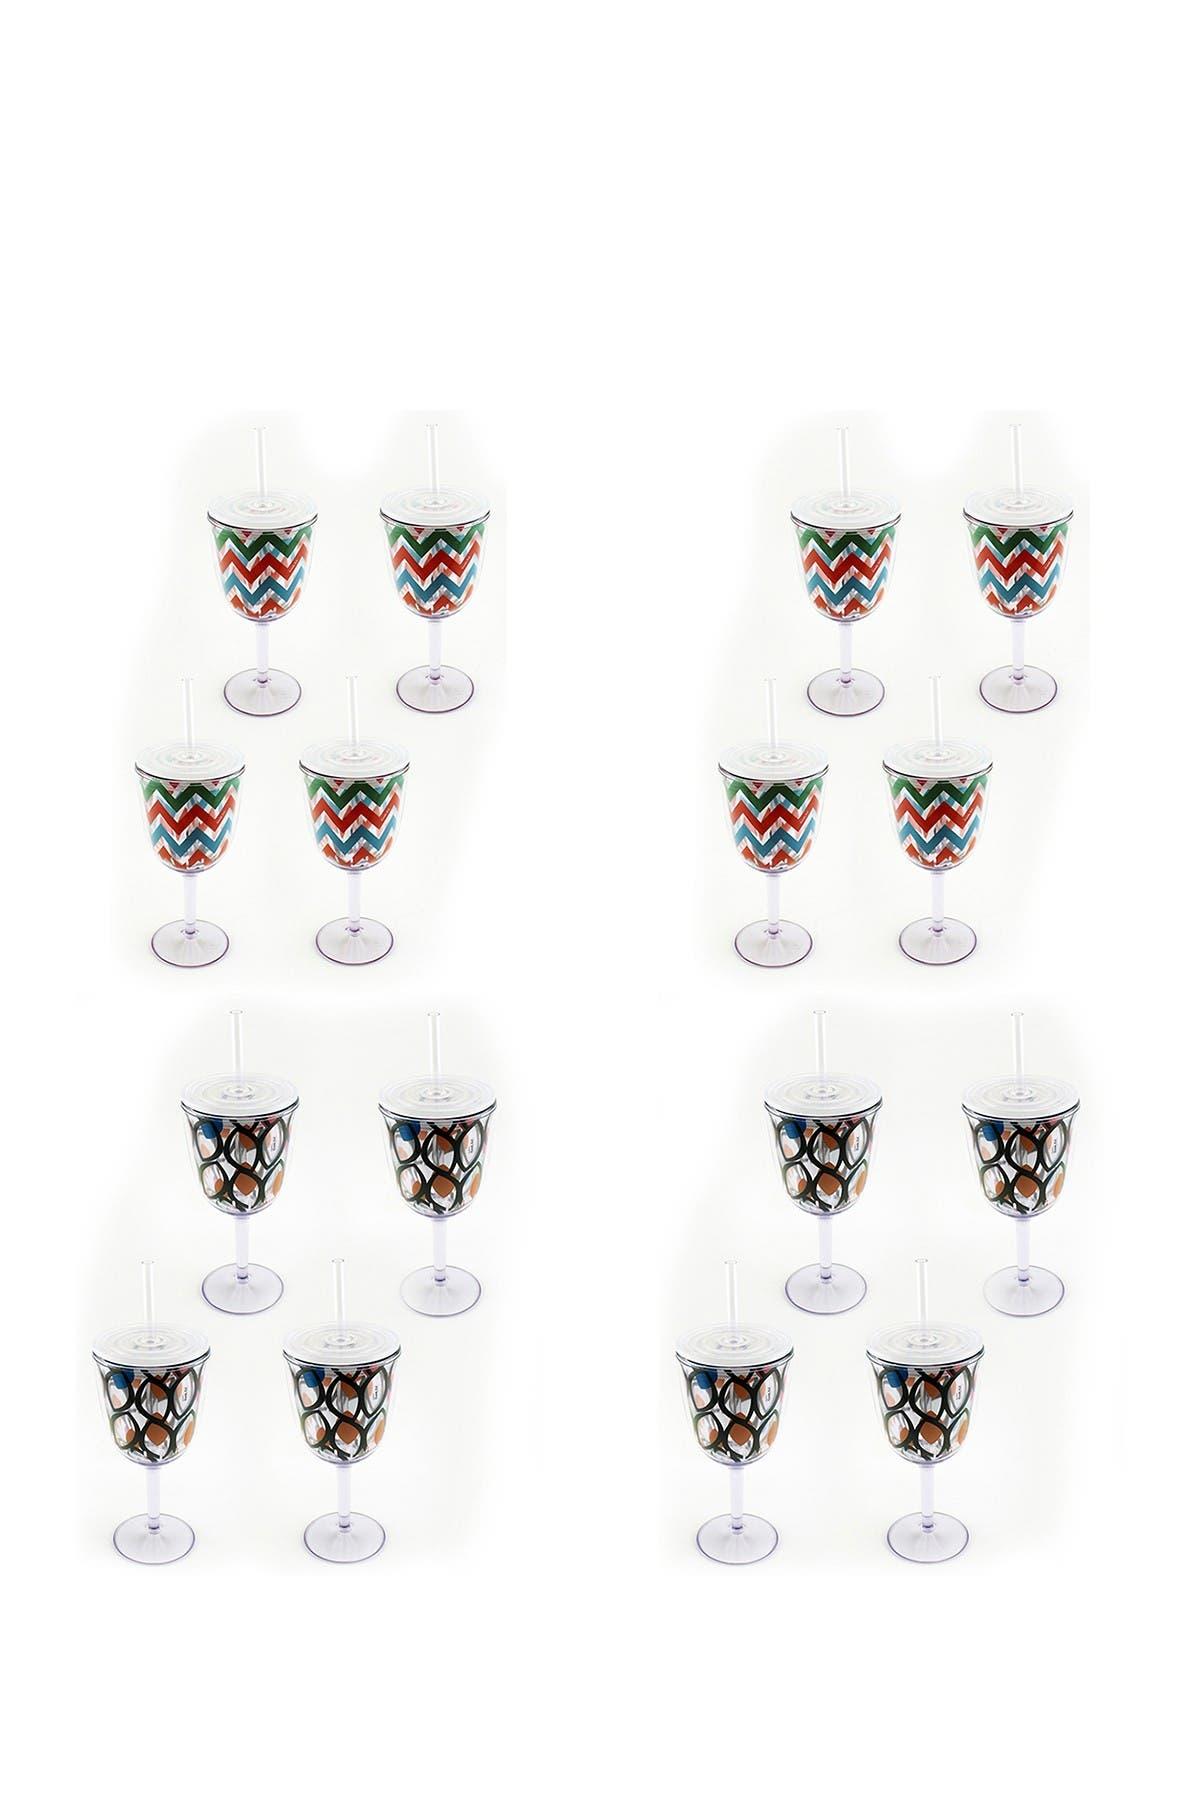 Image of BergHOFF 13oz Acrylic Wine Glasses - Set of 16